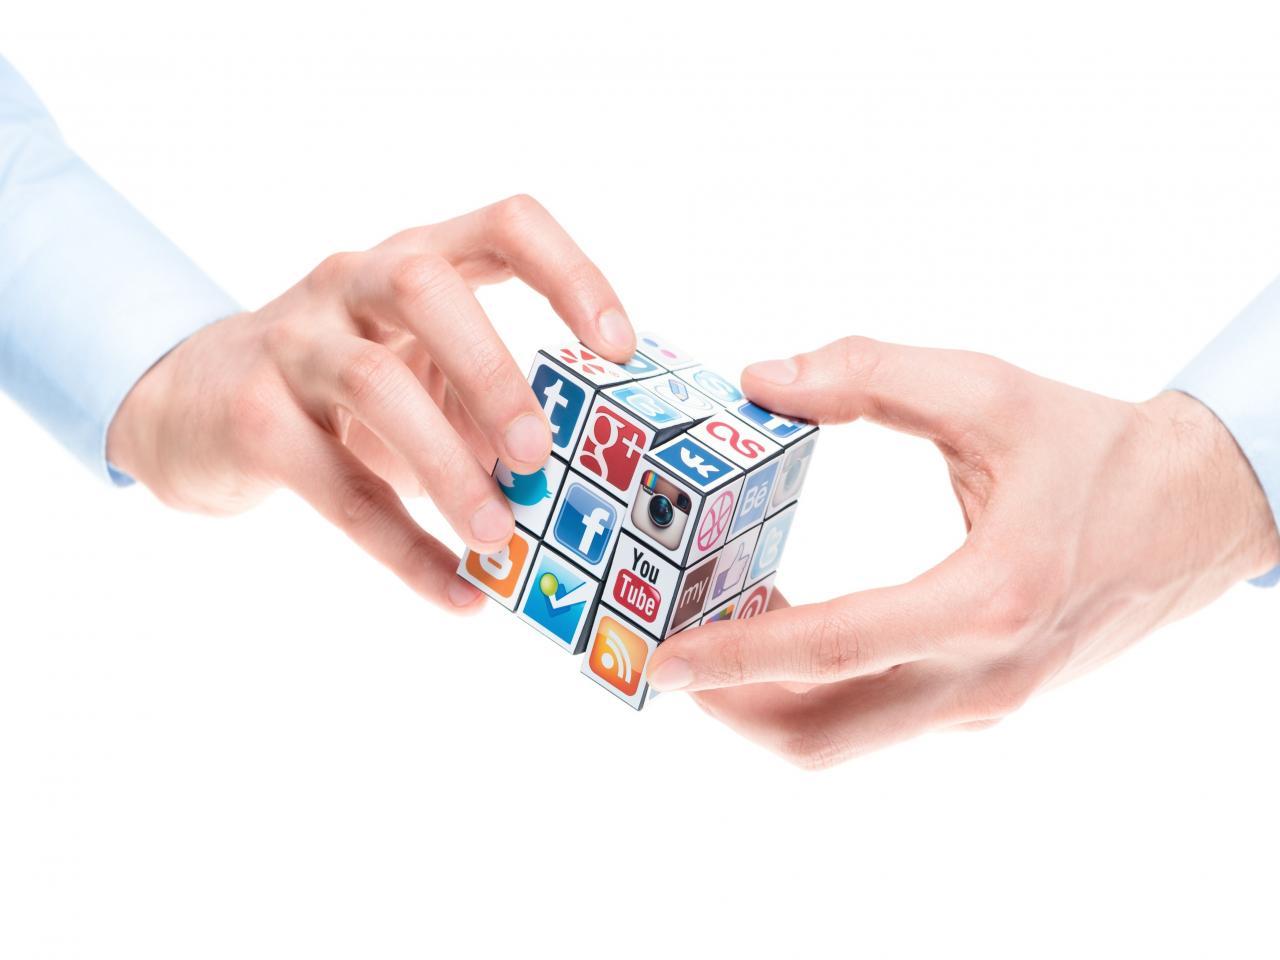 Imagen de Gestión Activa de Redes Sociales por Movidagrafica